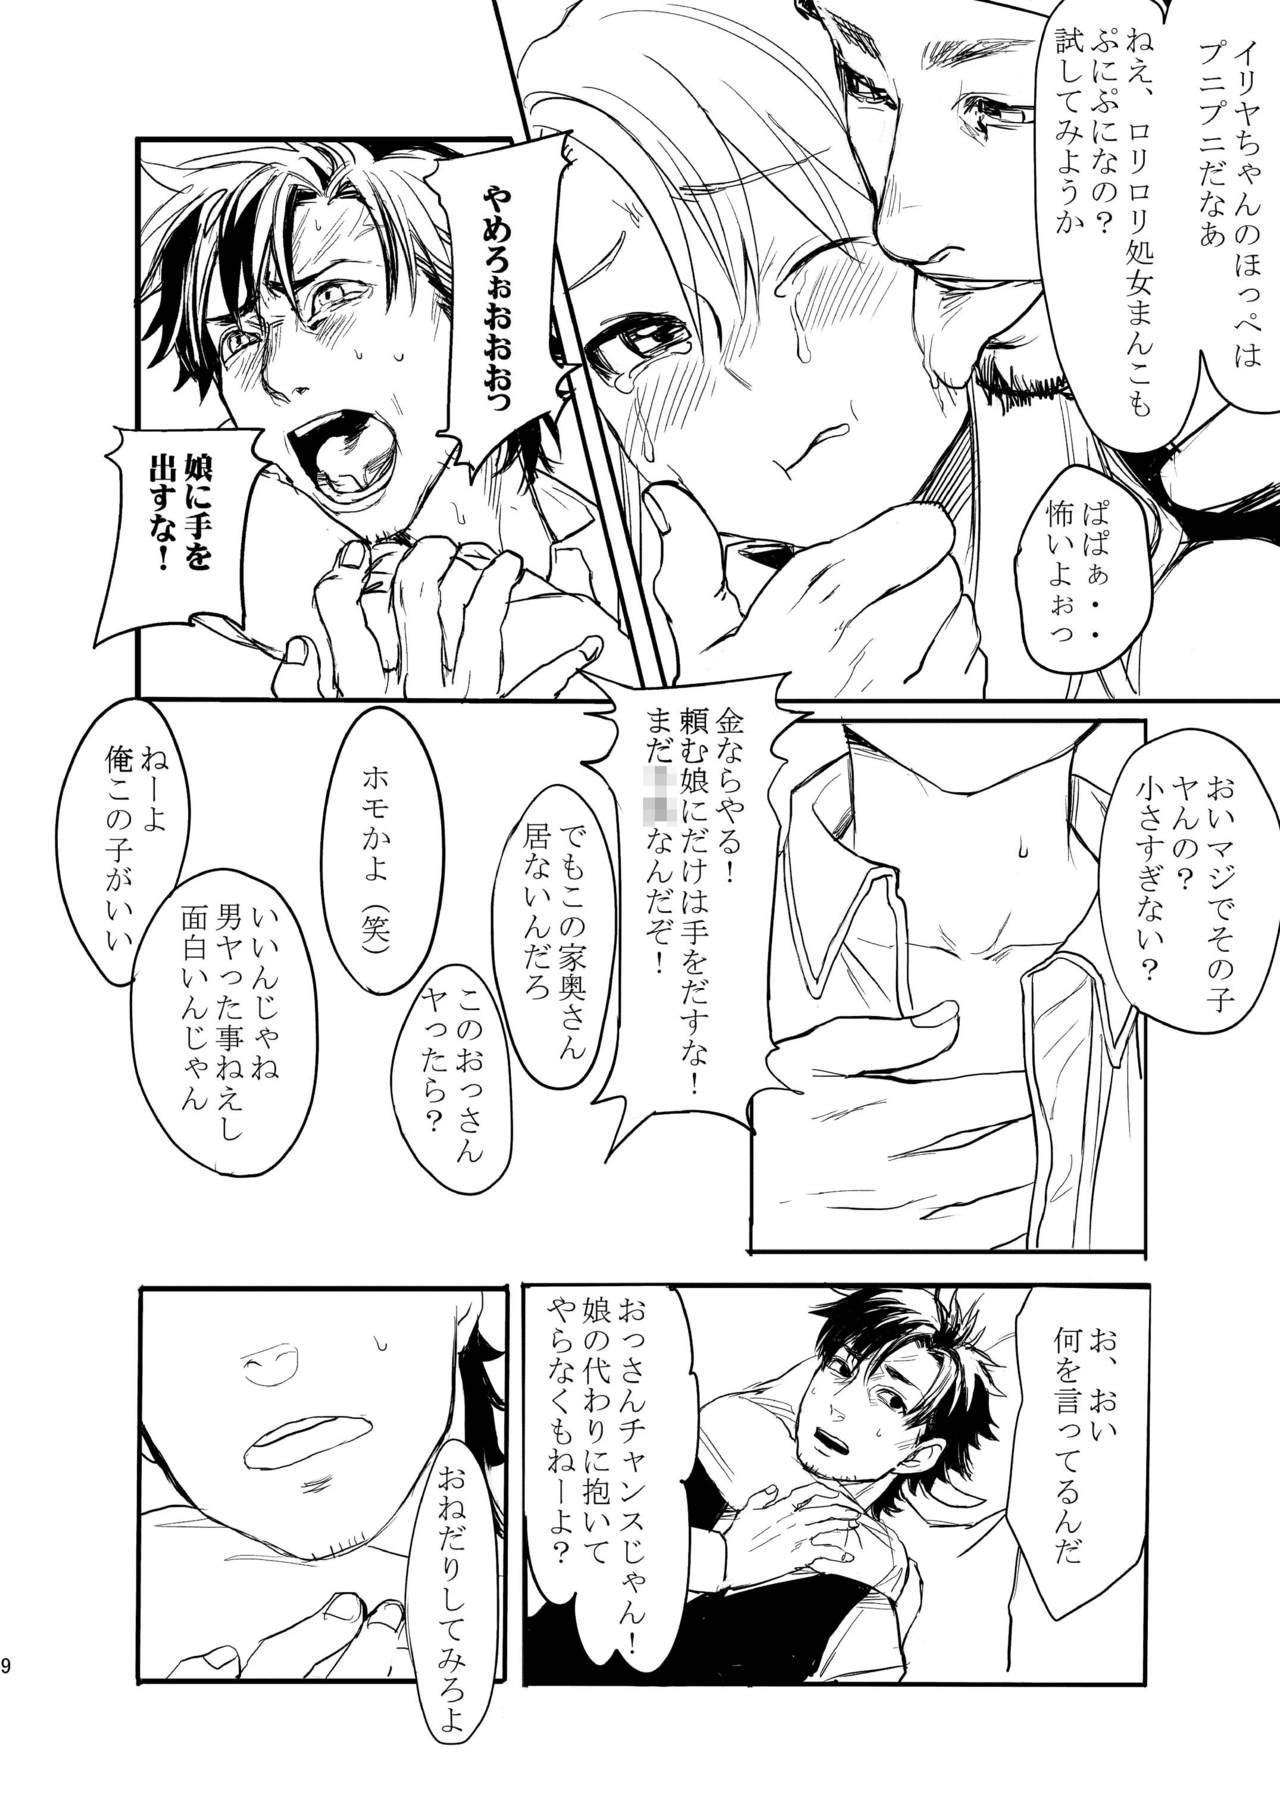 Papa Daisuki! 9